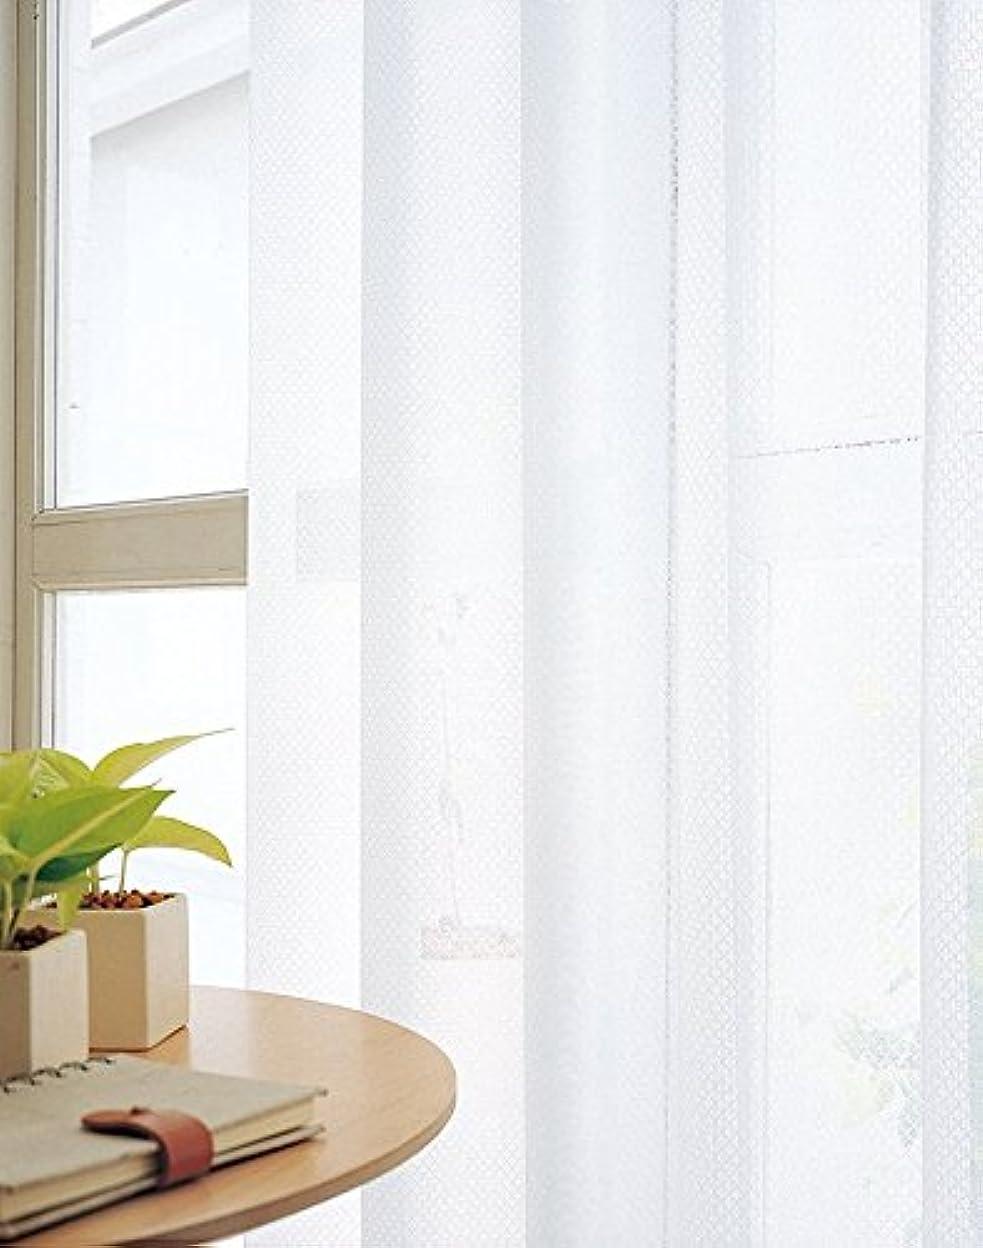 読書寄託お世話になった東リ 格子柄の使いやすいミラーレース カーテン2倍ヒダ KSA60491 幅:100cm ×丈:260cm (2枚組)オーダーカーテン